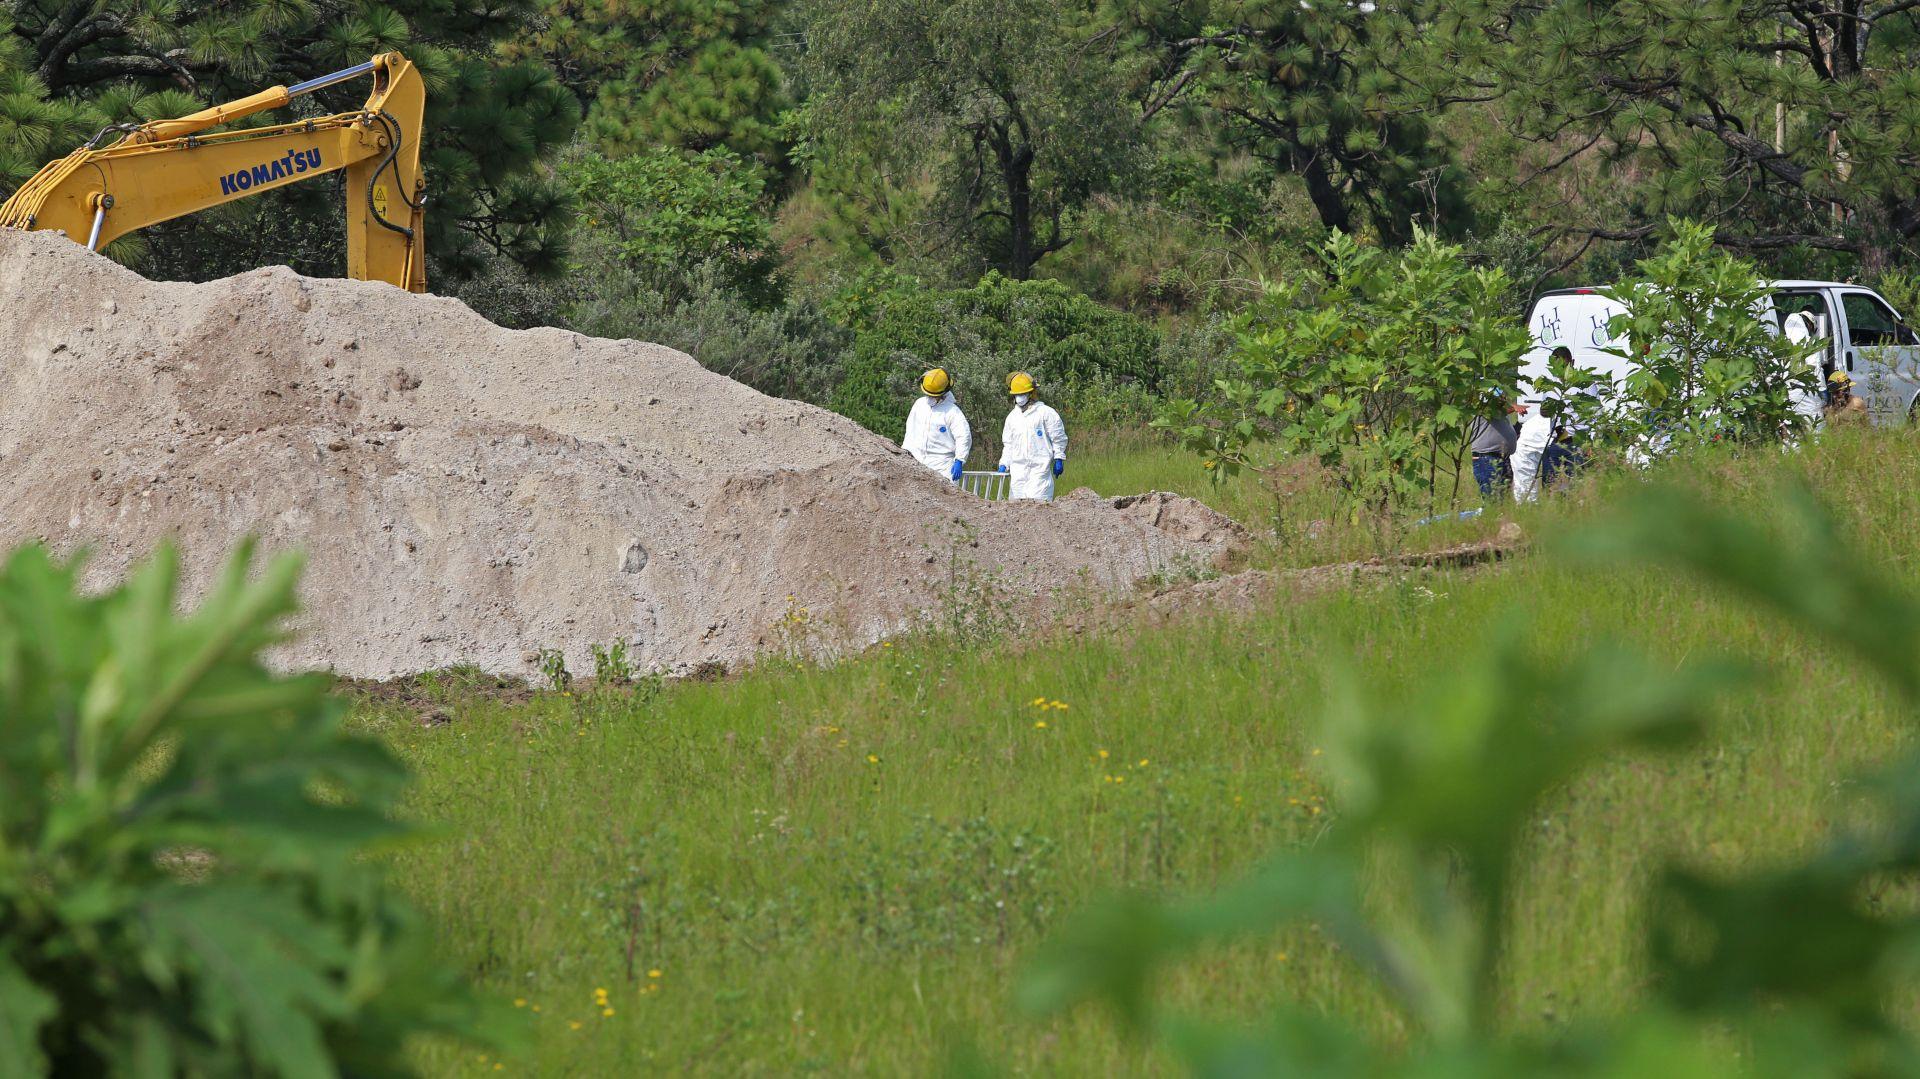 El pasado lunes autoridades informaron del hallazgo de decenas de bolsas con restos humanos, hasta el lugar llego maquinaria pesada para realizar excavaciones (Foto: Cuartoscuro)